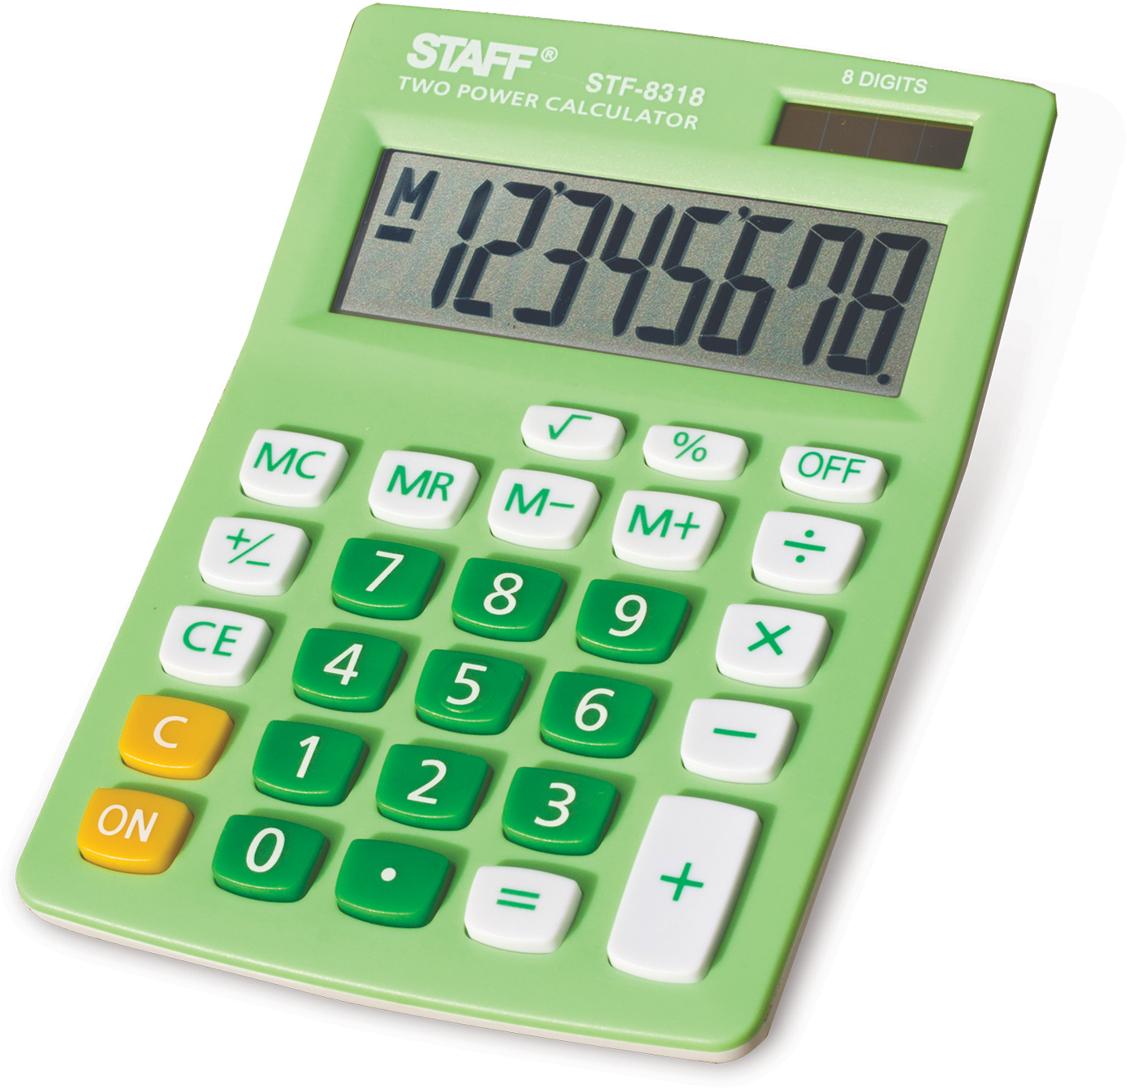 Калькулятор настольный Staff STF-8318, цвет: зеленый калькулятор staff stf 310